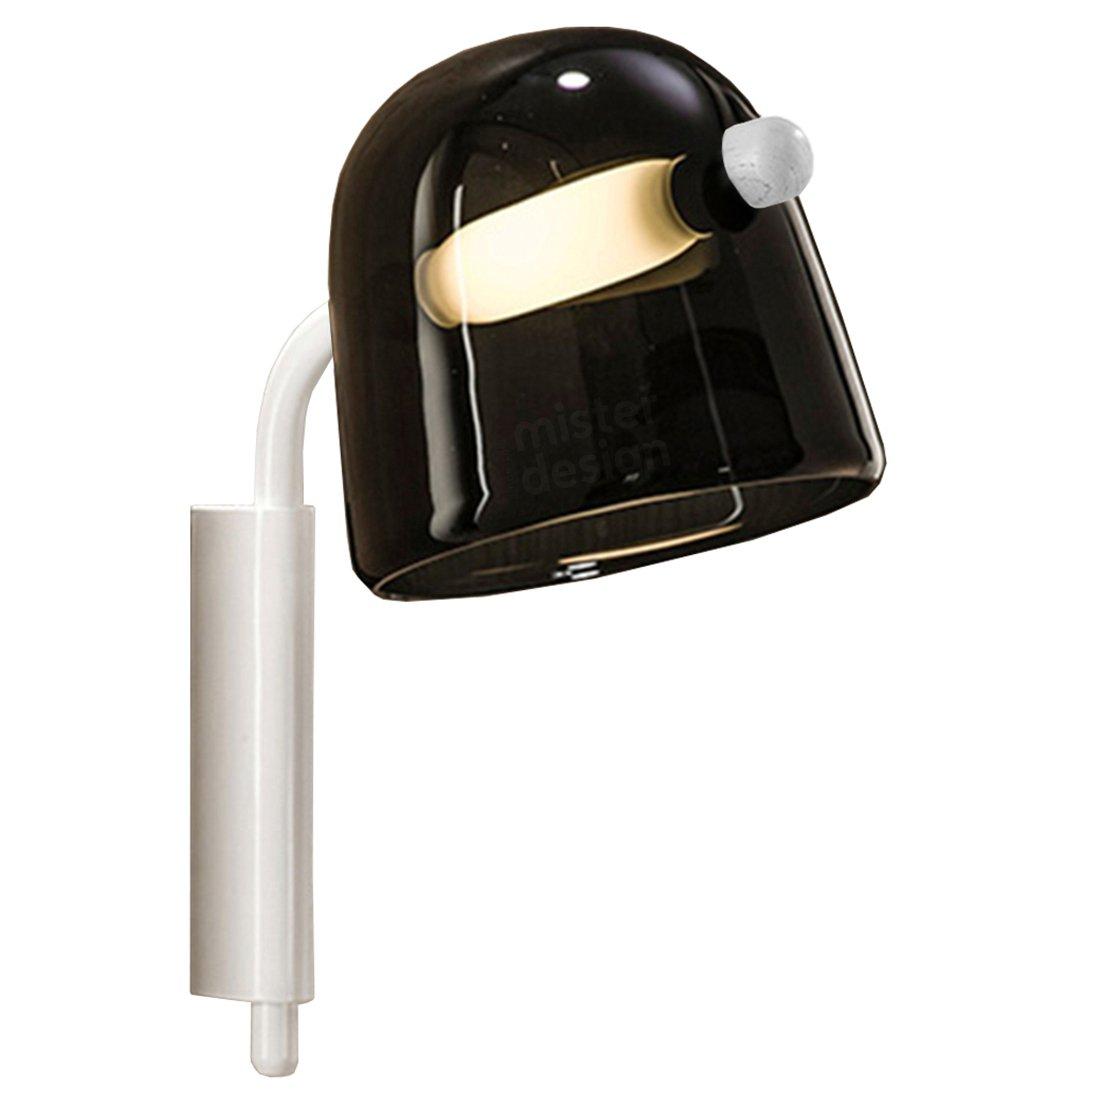 Brokis Mona Wandlamp Medium - Zwart Glas Witte Body